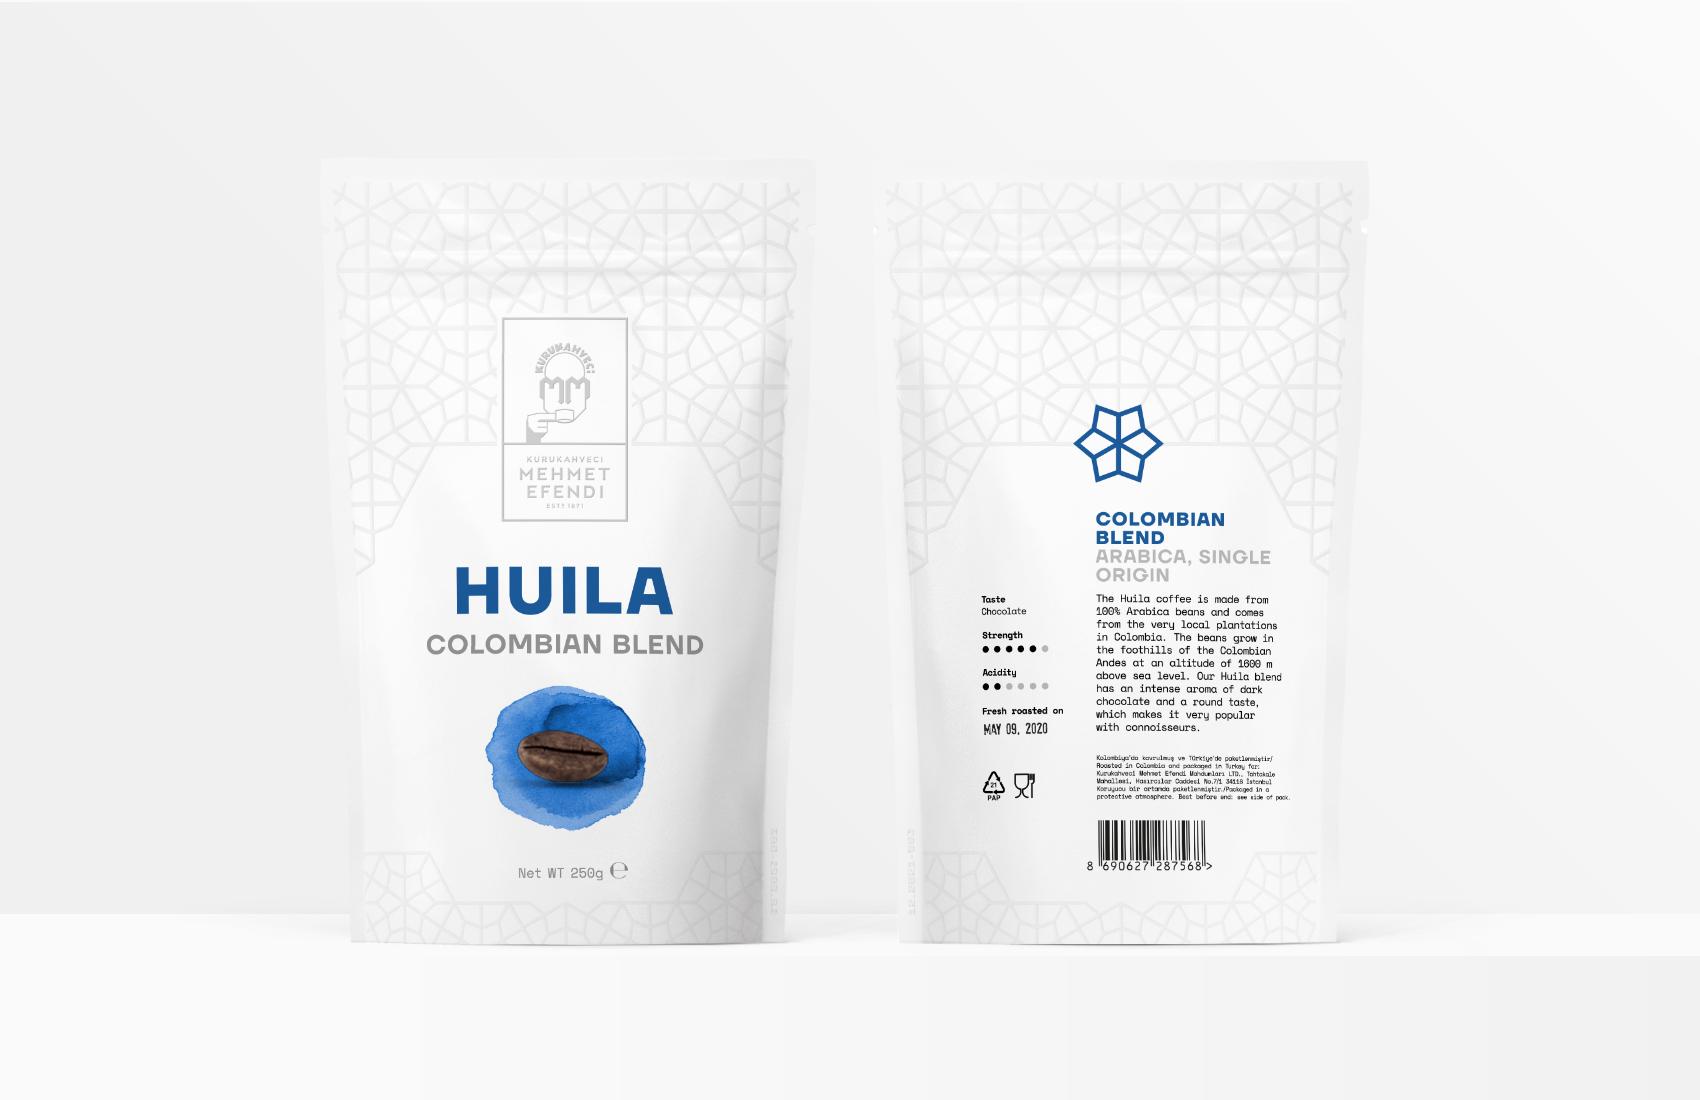 emretelli_kurukahvecimehmetefendi_filter-coffee_01_1700